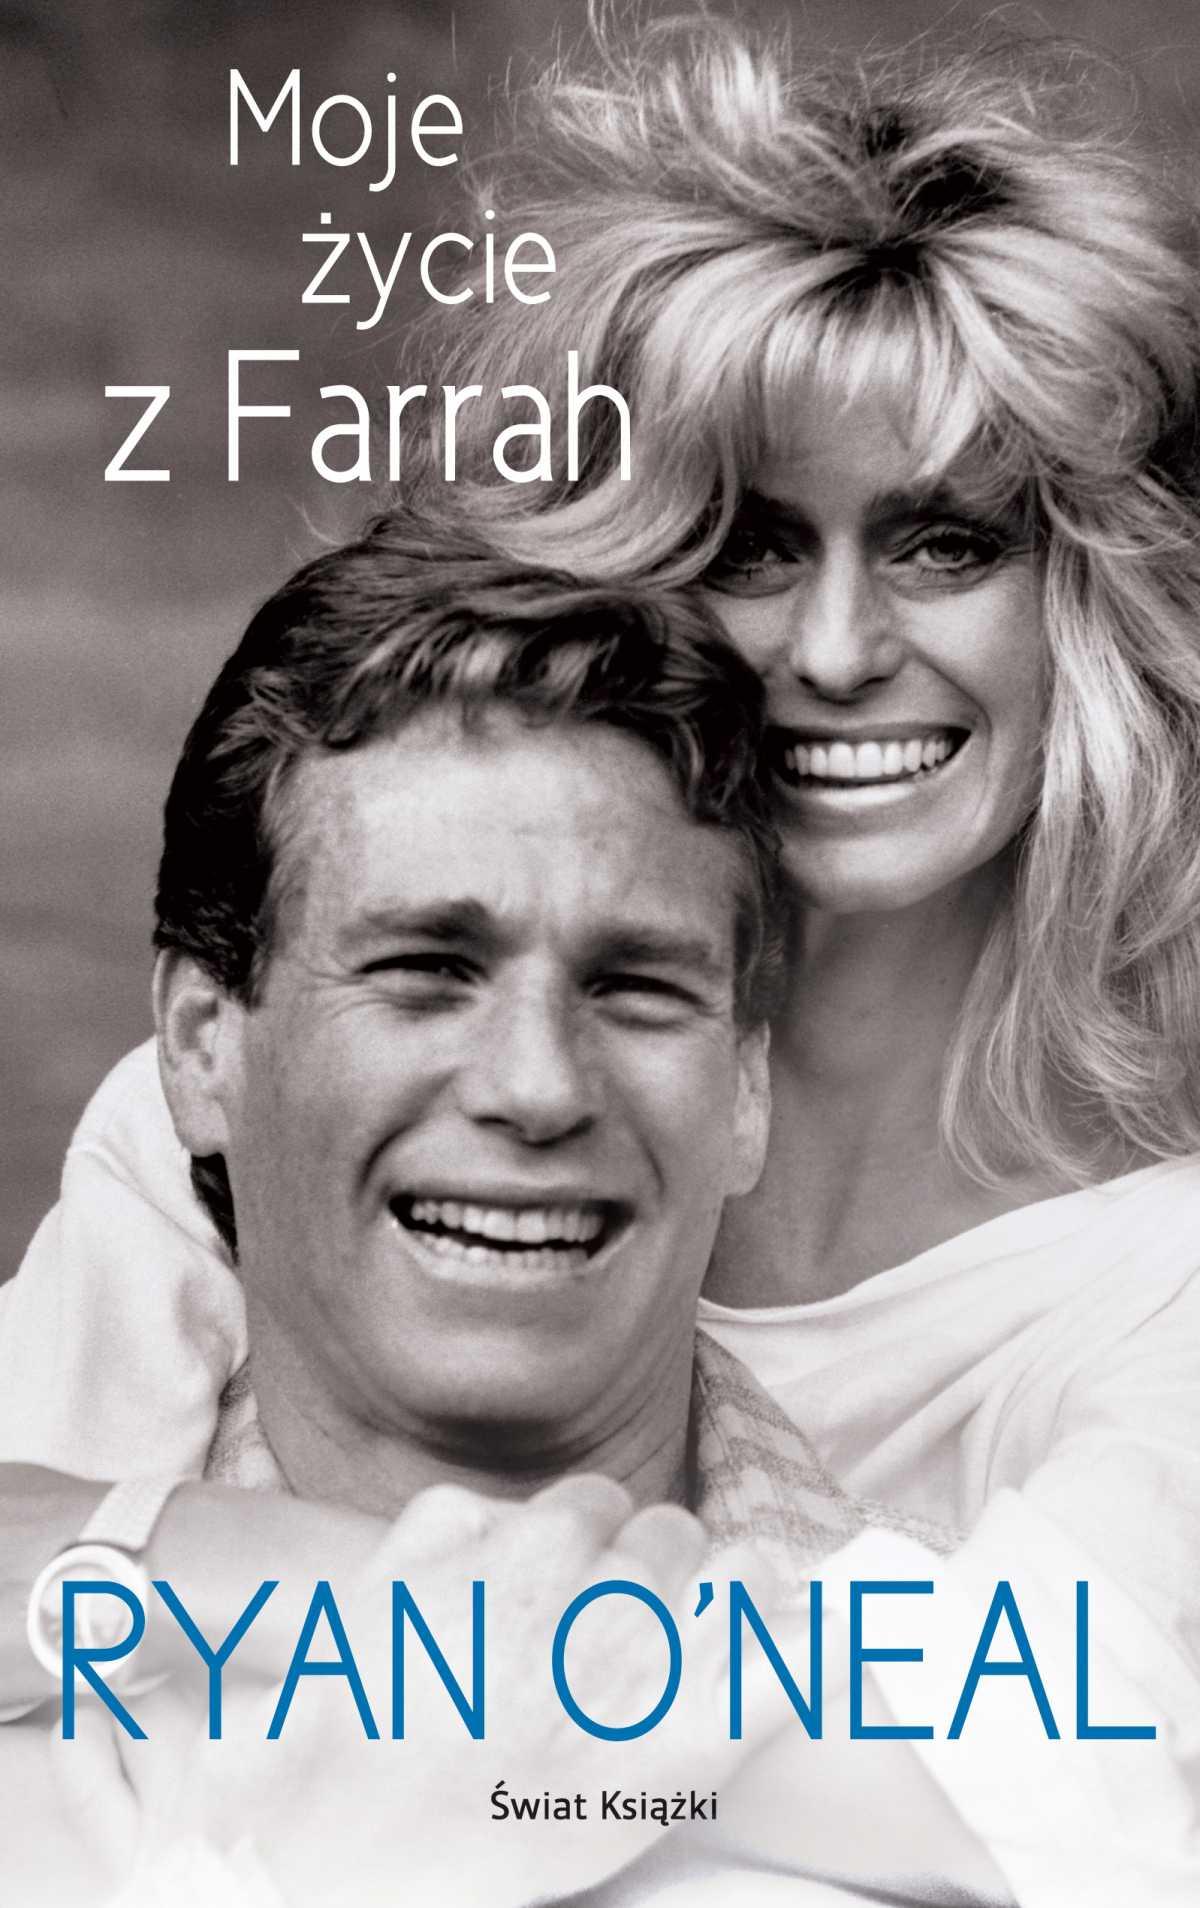 Moje życie z Farrah - Ebook (Książka EPUB) do pobrania w formacie EPUB